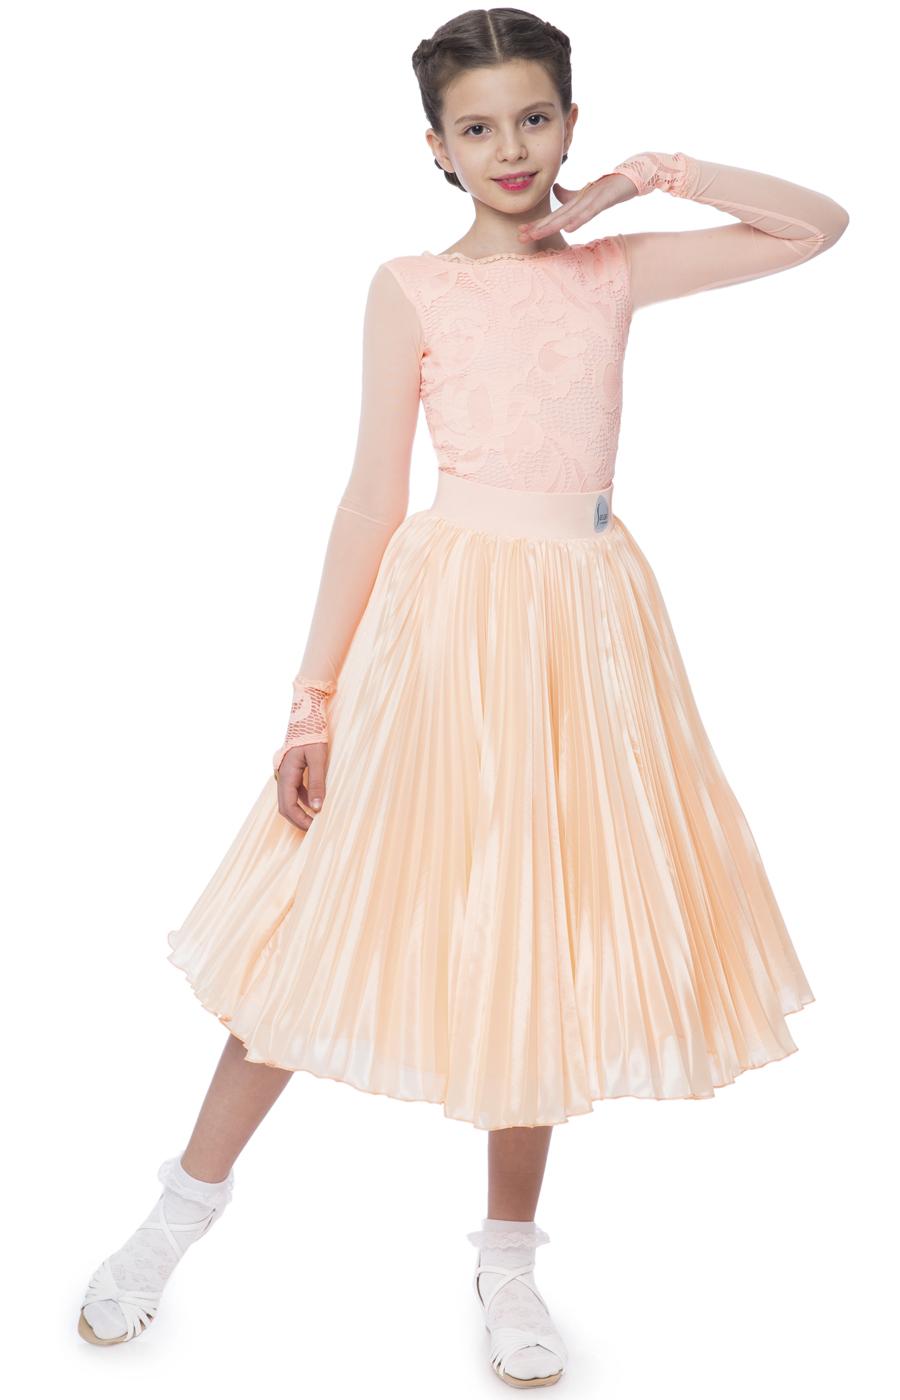 8f3d1f644 Sasuel Candice Juvenile Dress – Tower Ballroom Dance